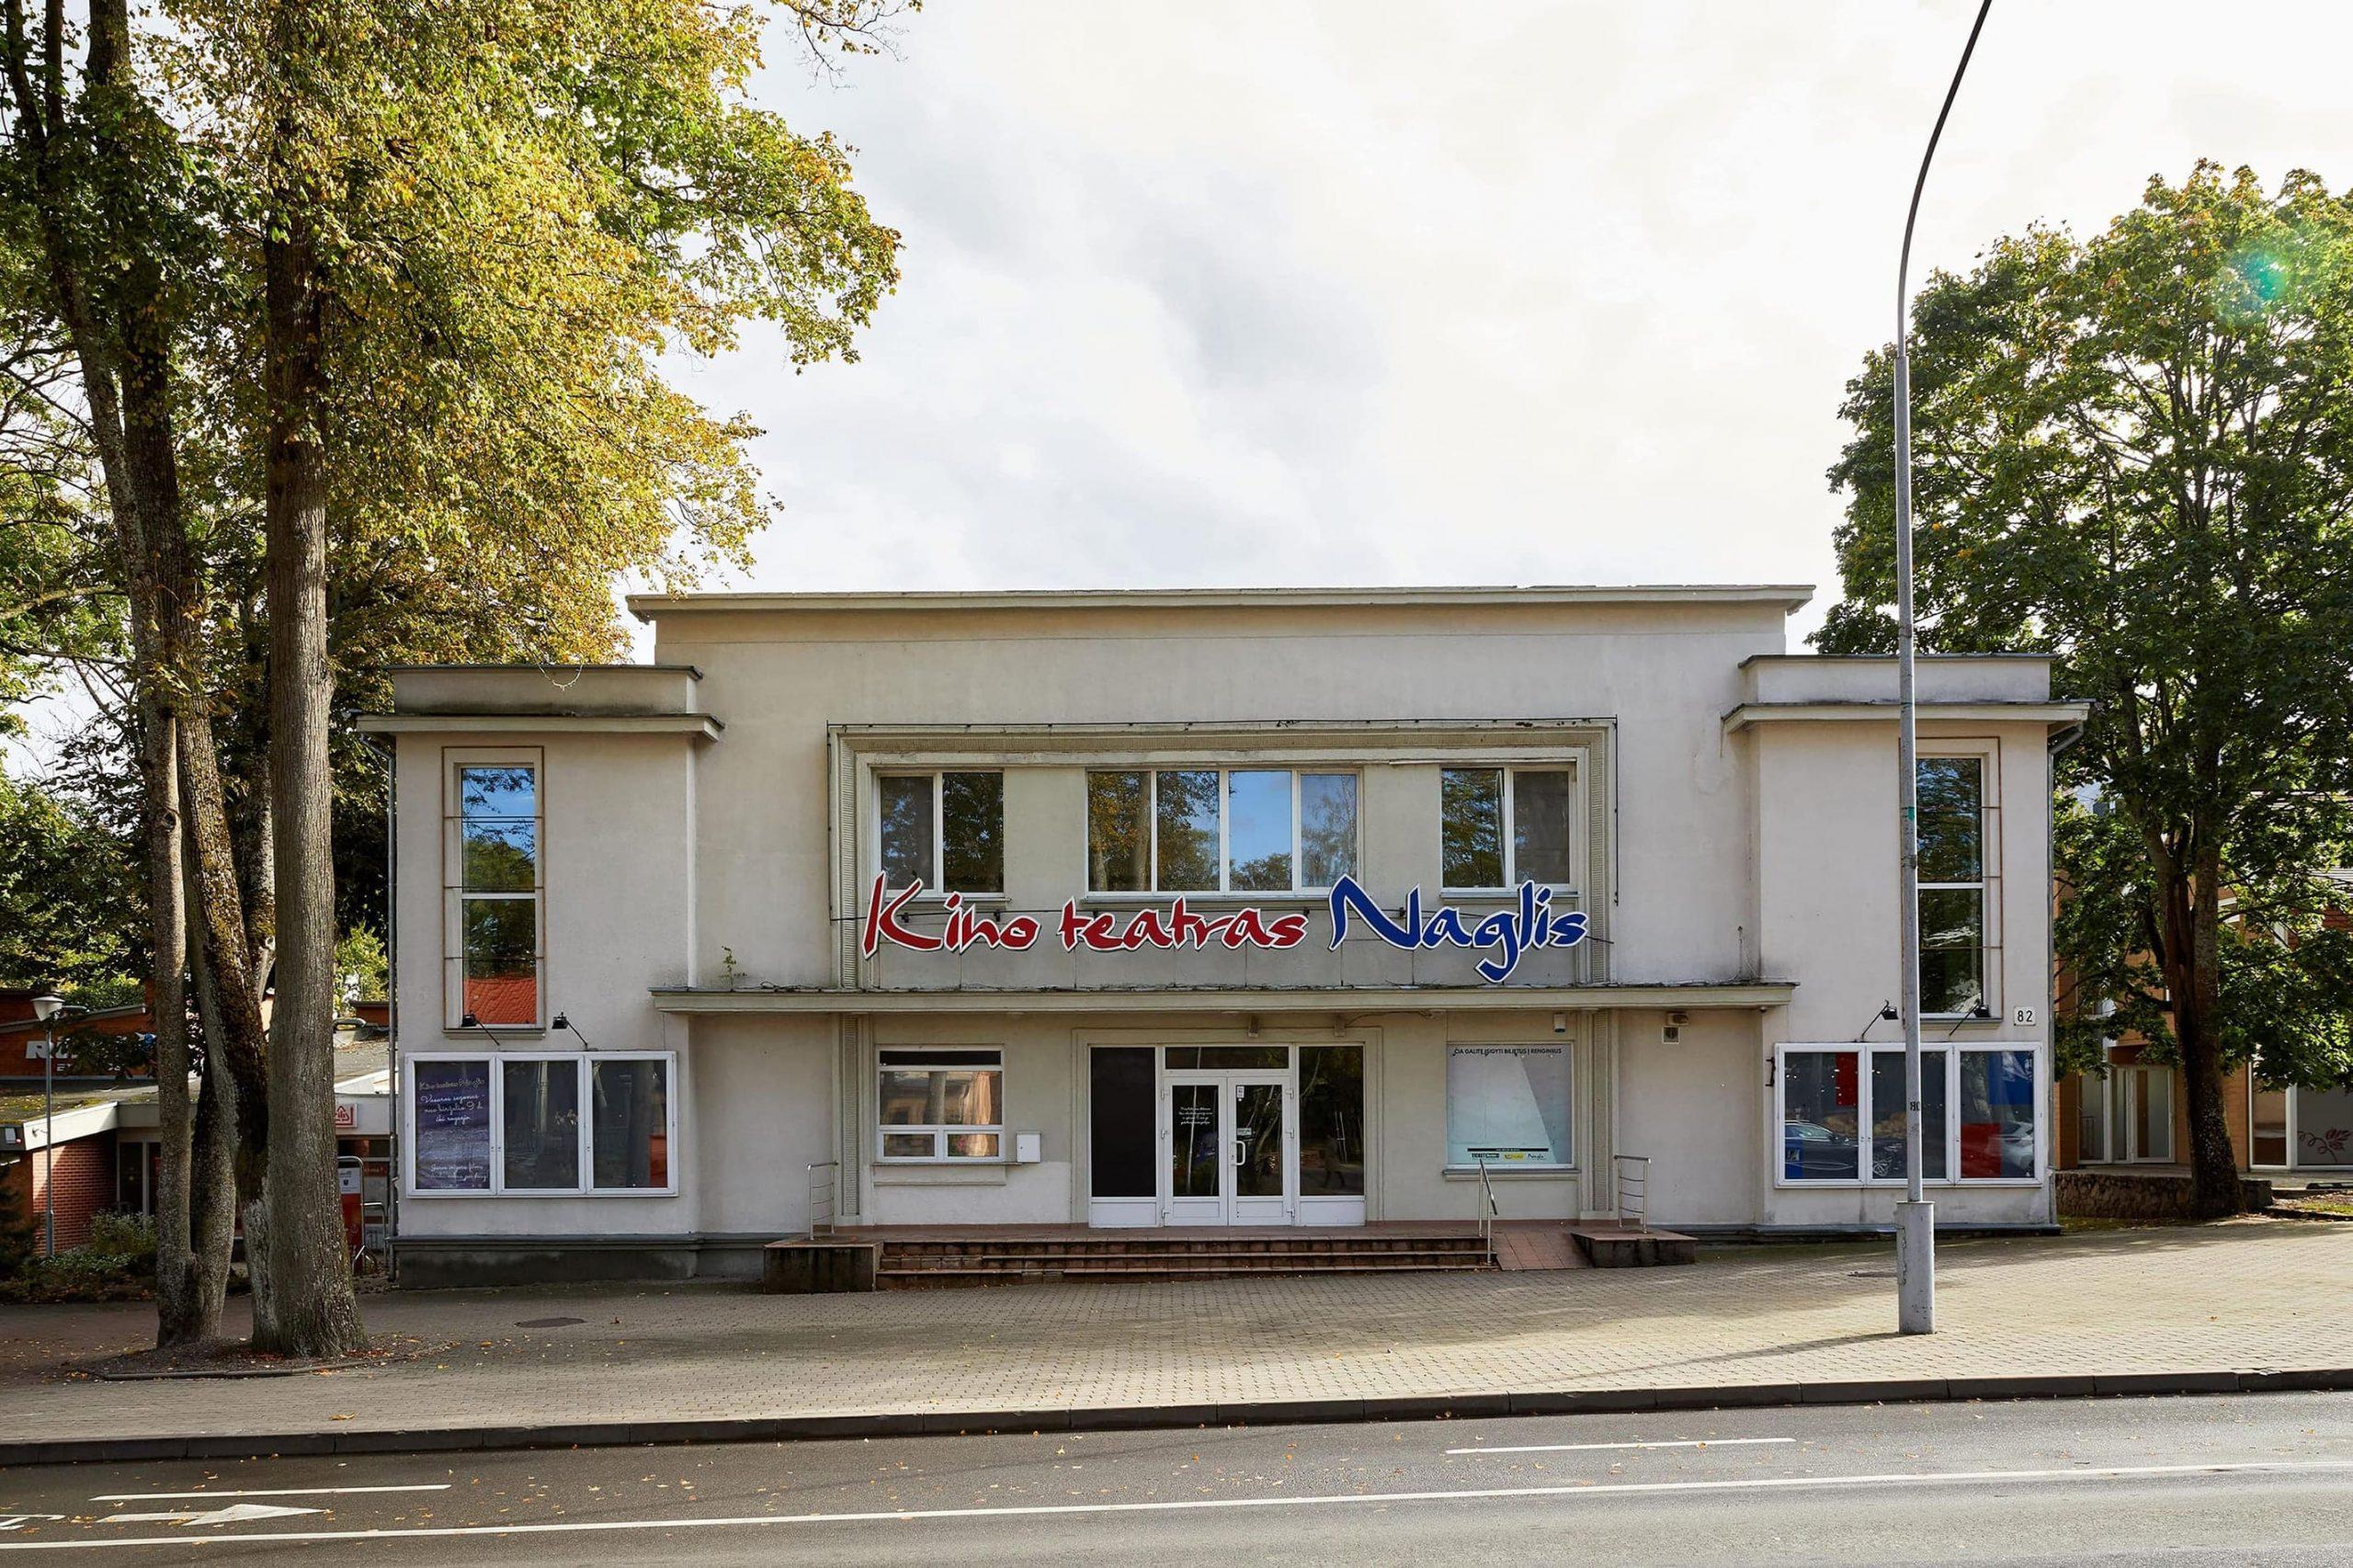 Kino teatras Naglis